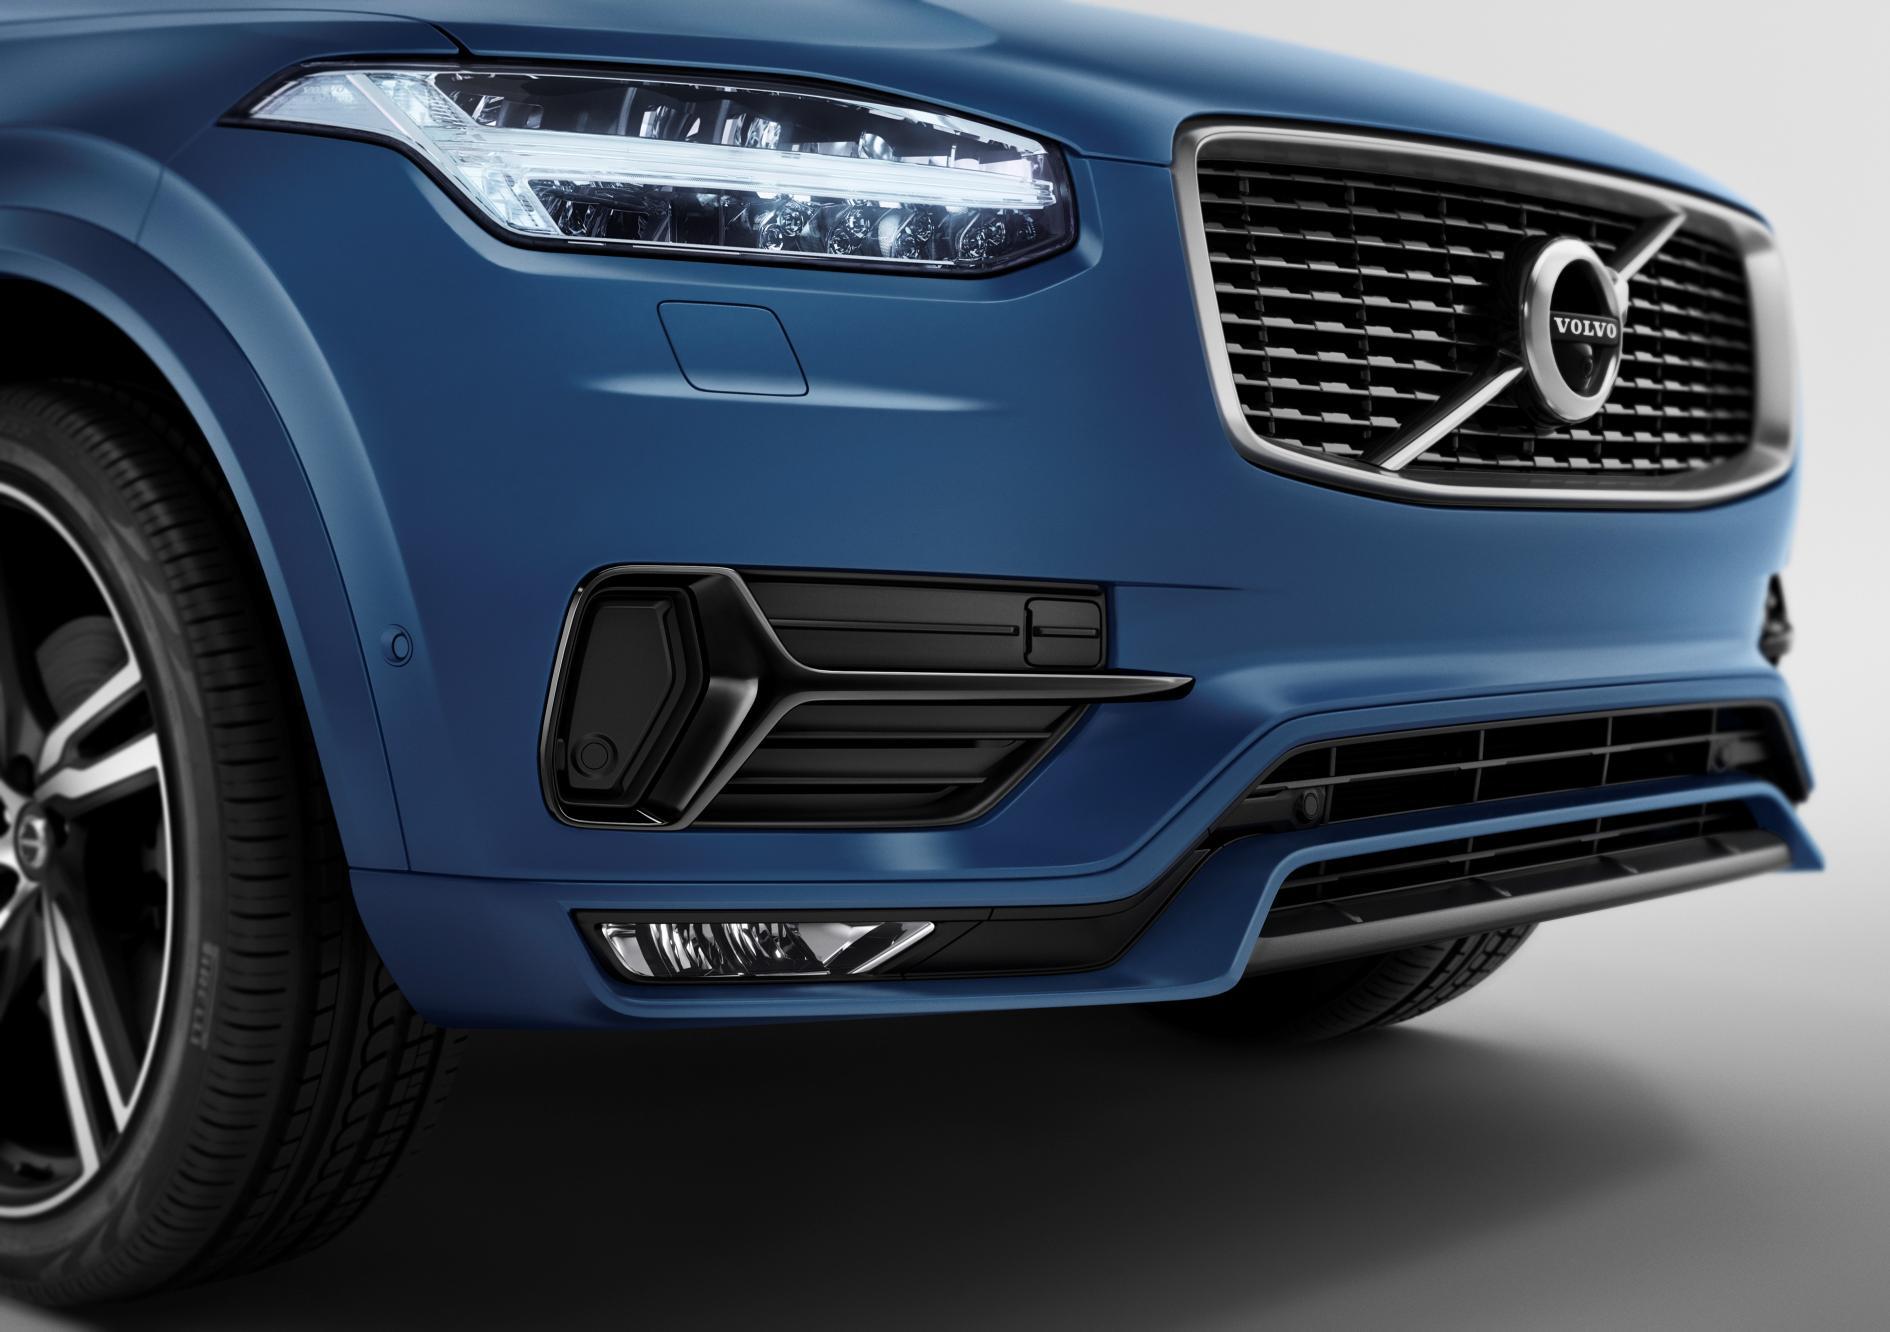 New Volvo XC90 R-Design Breaks Cover - autoevolution